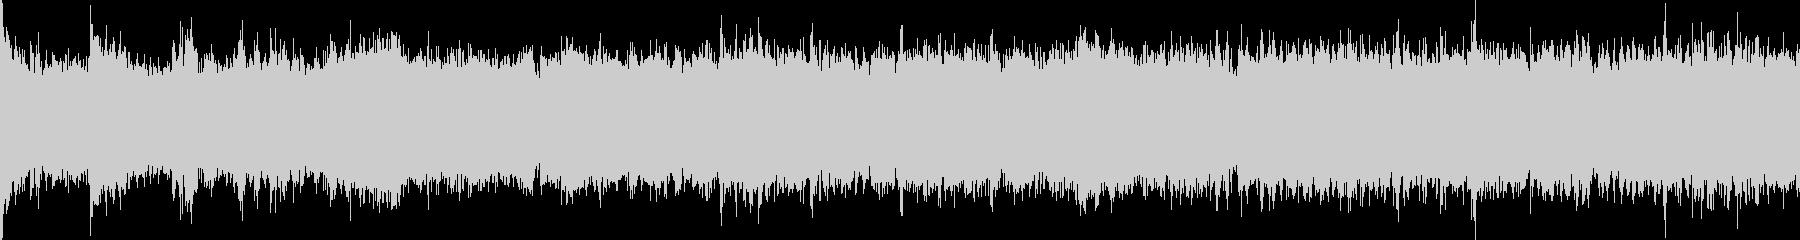 ダークファンタジーボーカル/ループ可1分の未再生の波形